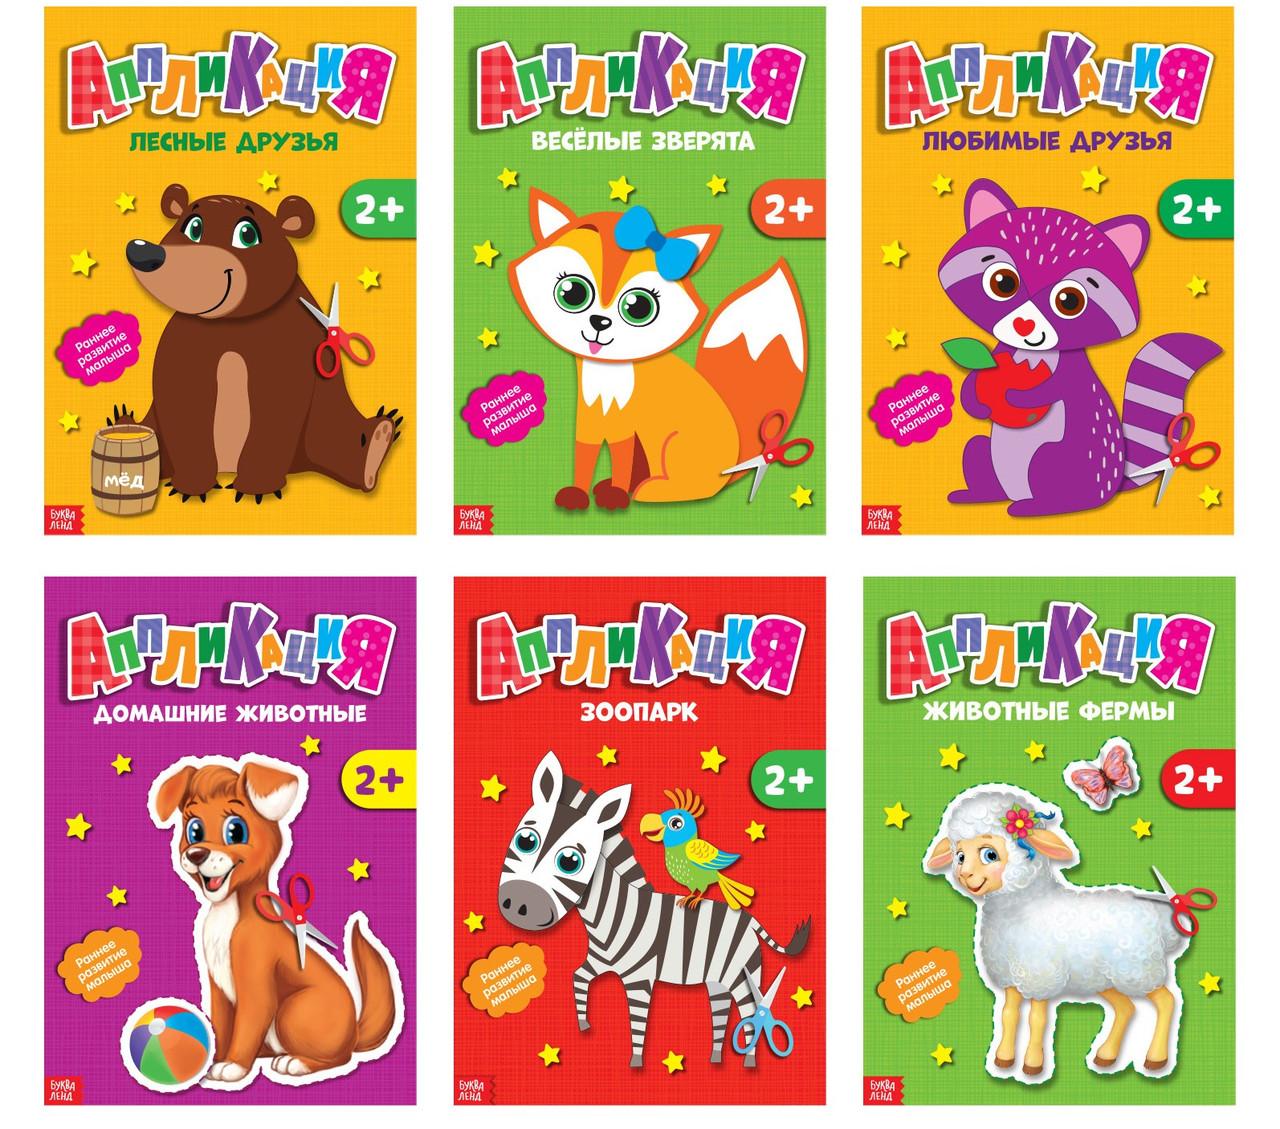 Аппликации набор «Животные», 6 шт. по 20 стр.